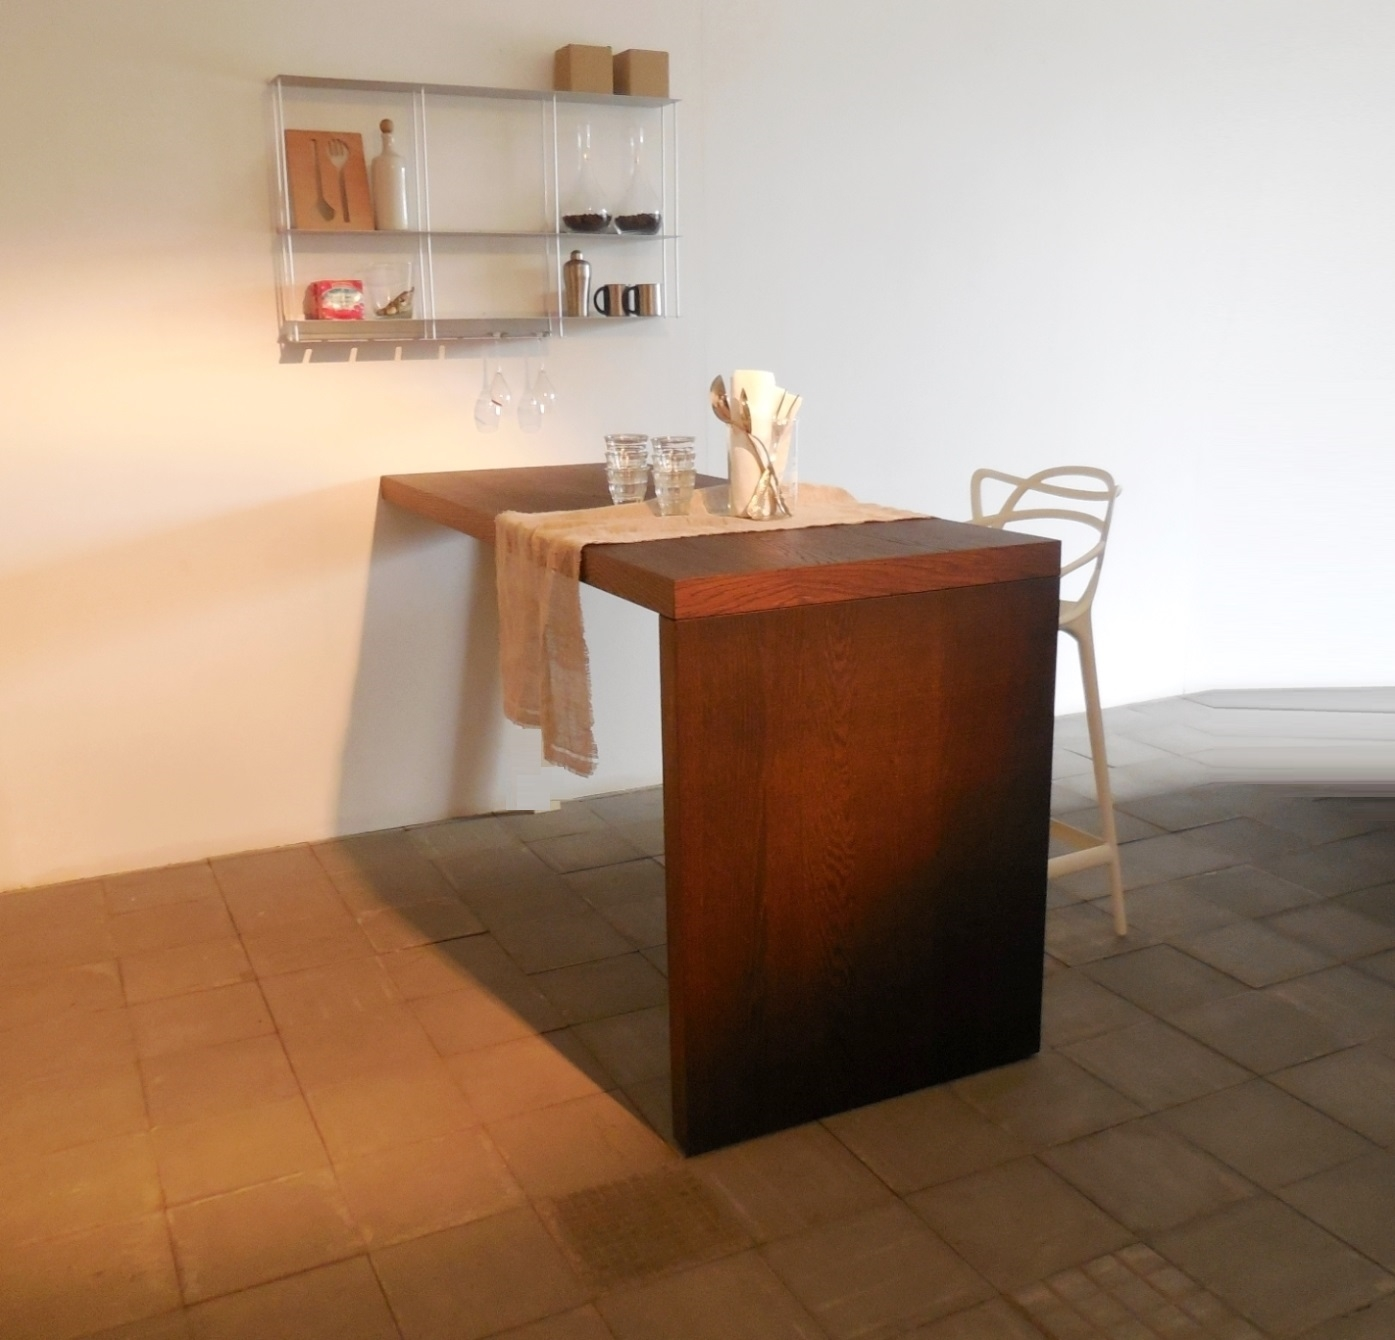 Cucina modulnova piano snack penisola tavolo rovere raw legno cucine a prezzi scontati - Modulnova cucine prezzi ...